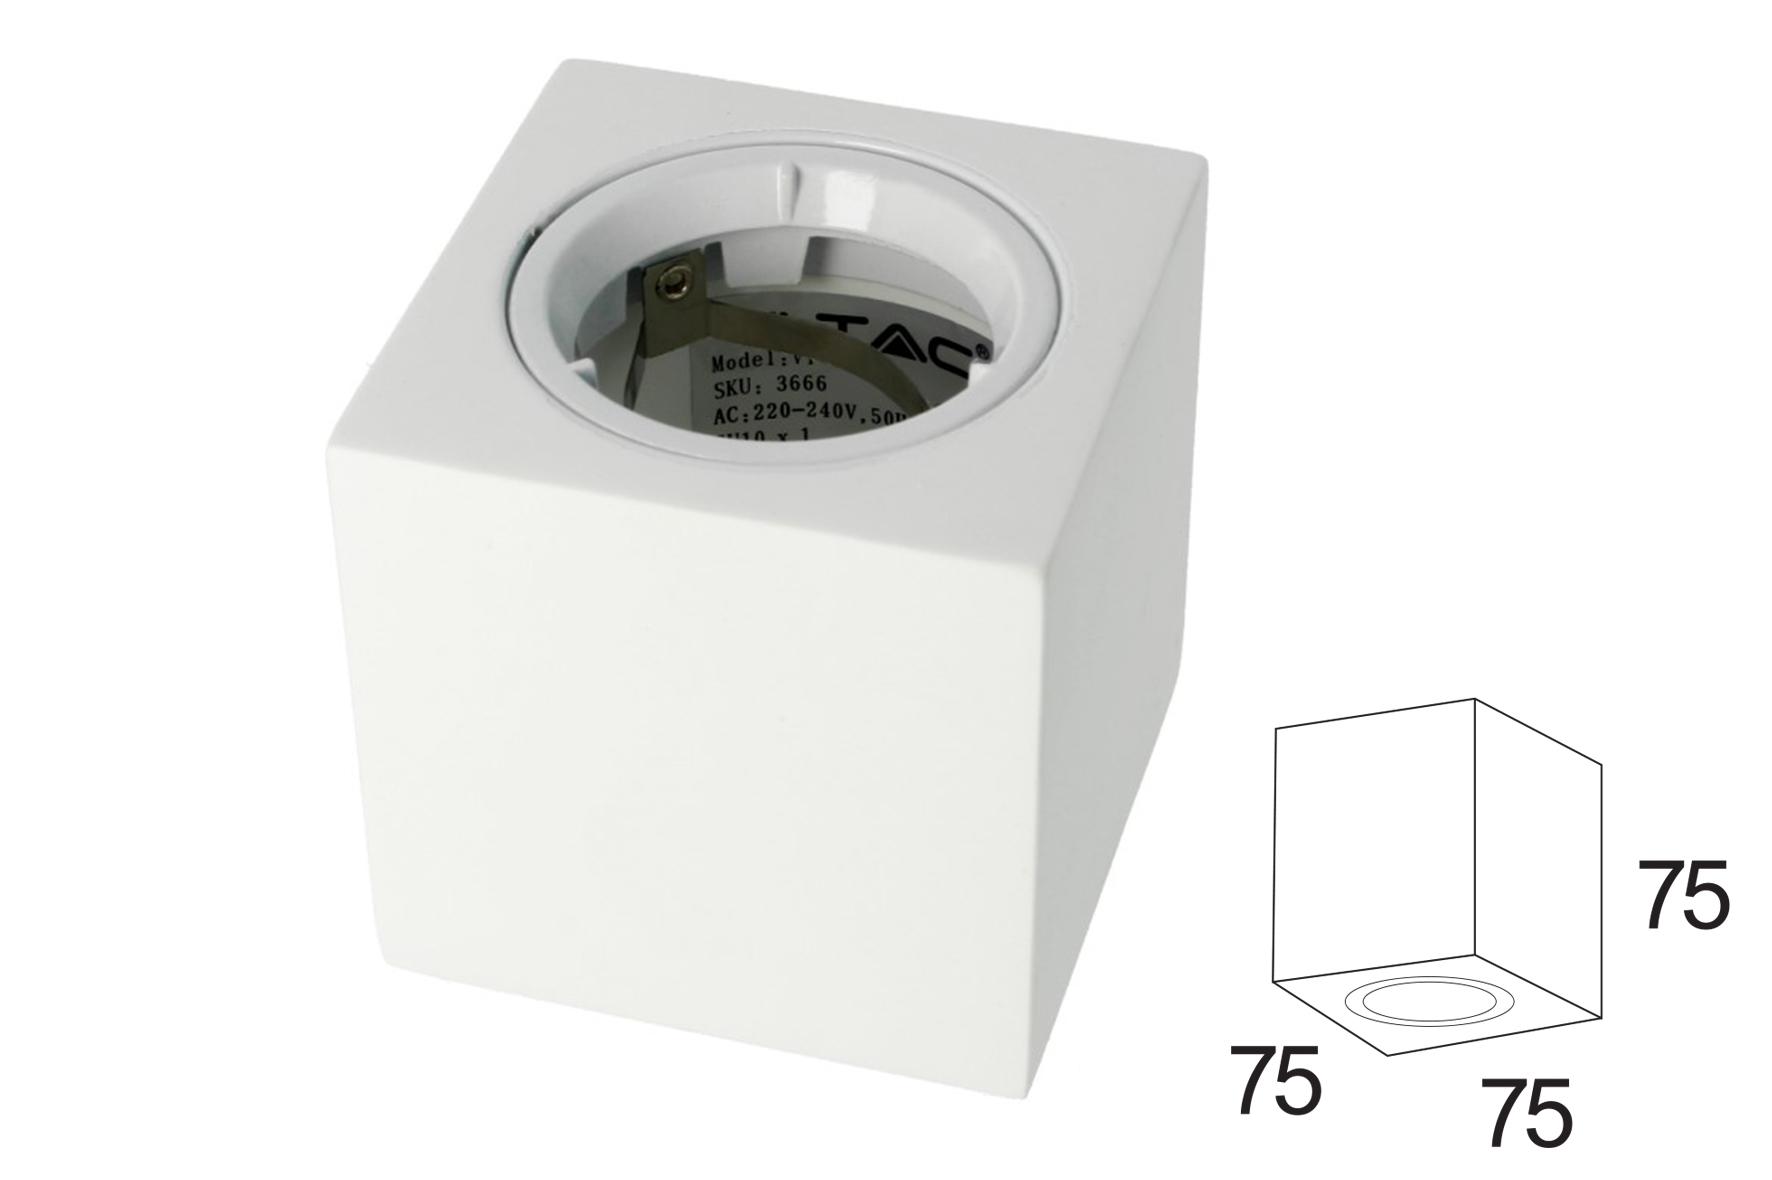 Portafaretto Da Soffitto Quadrato In Gesso Verniciabile Per Lampade GU10 Con Anello In Alluminio Bianco SKU-3666 - KIT